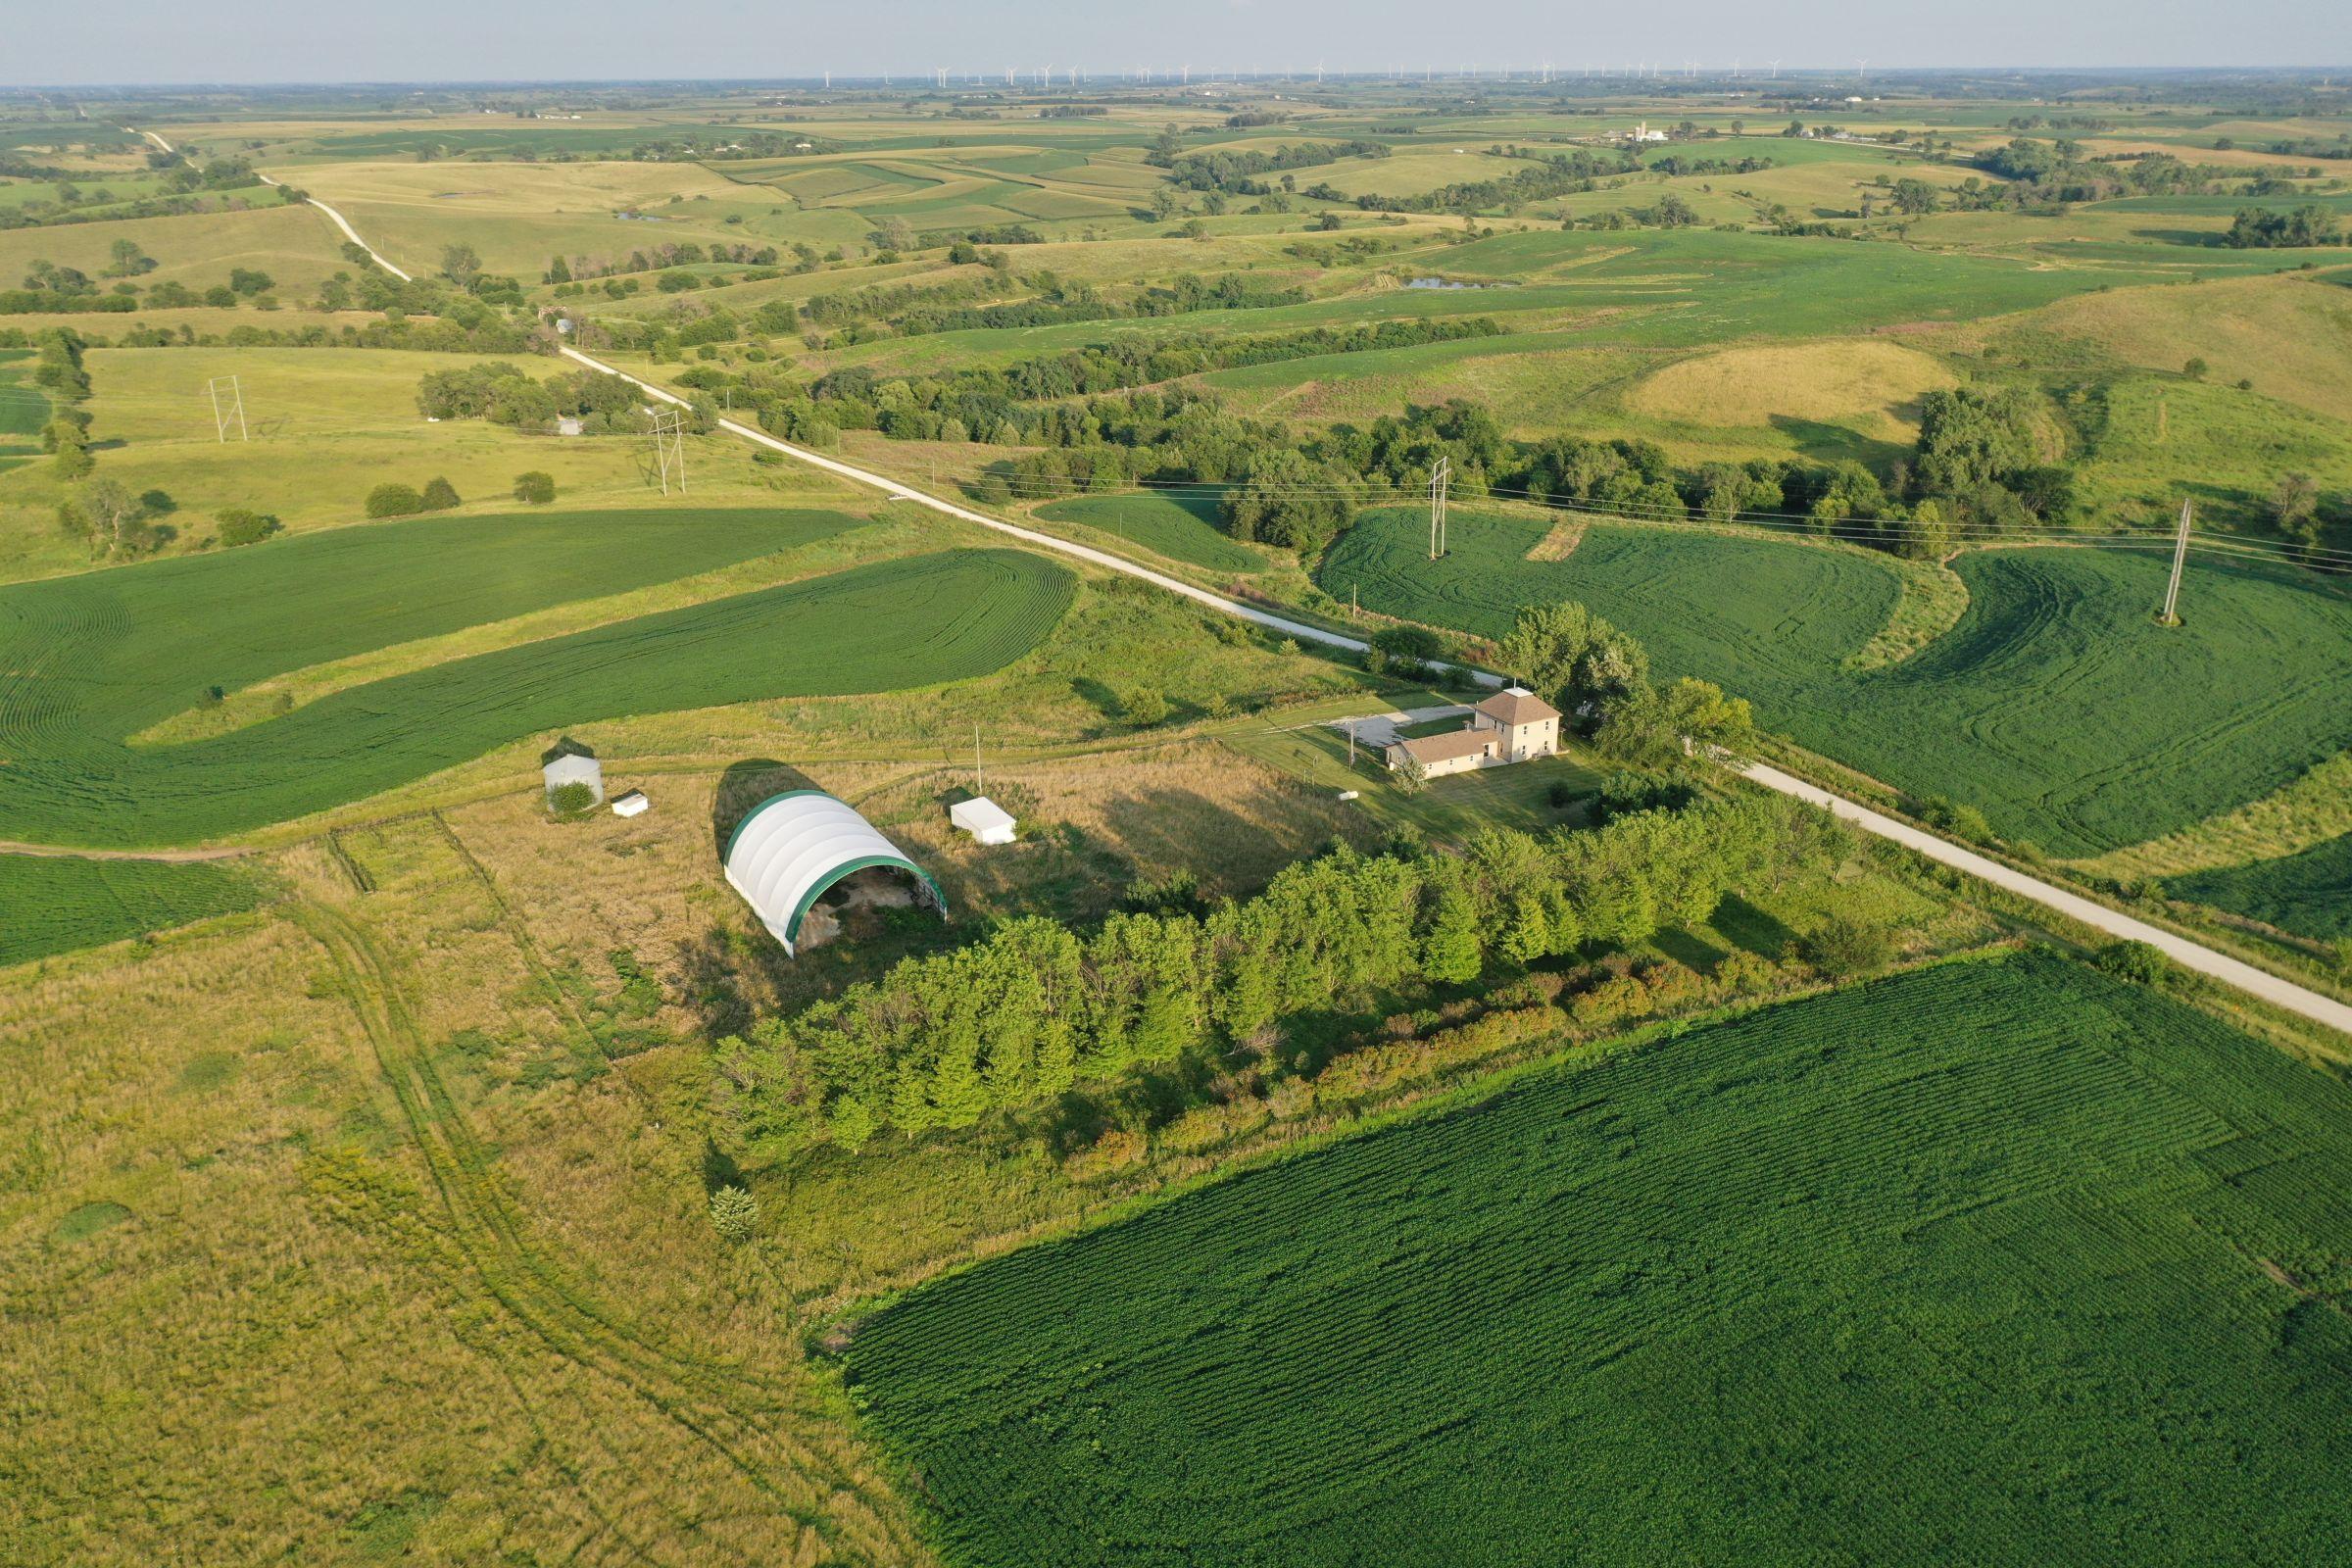 residential-adair-county-iowa-6-acres-listing-number-15664-2-2021-08-04-193342.JPG